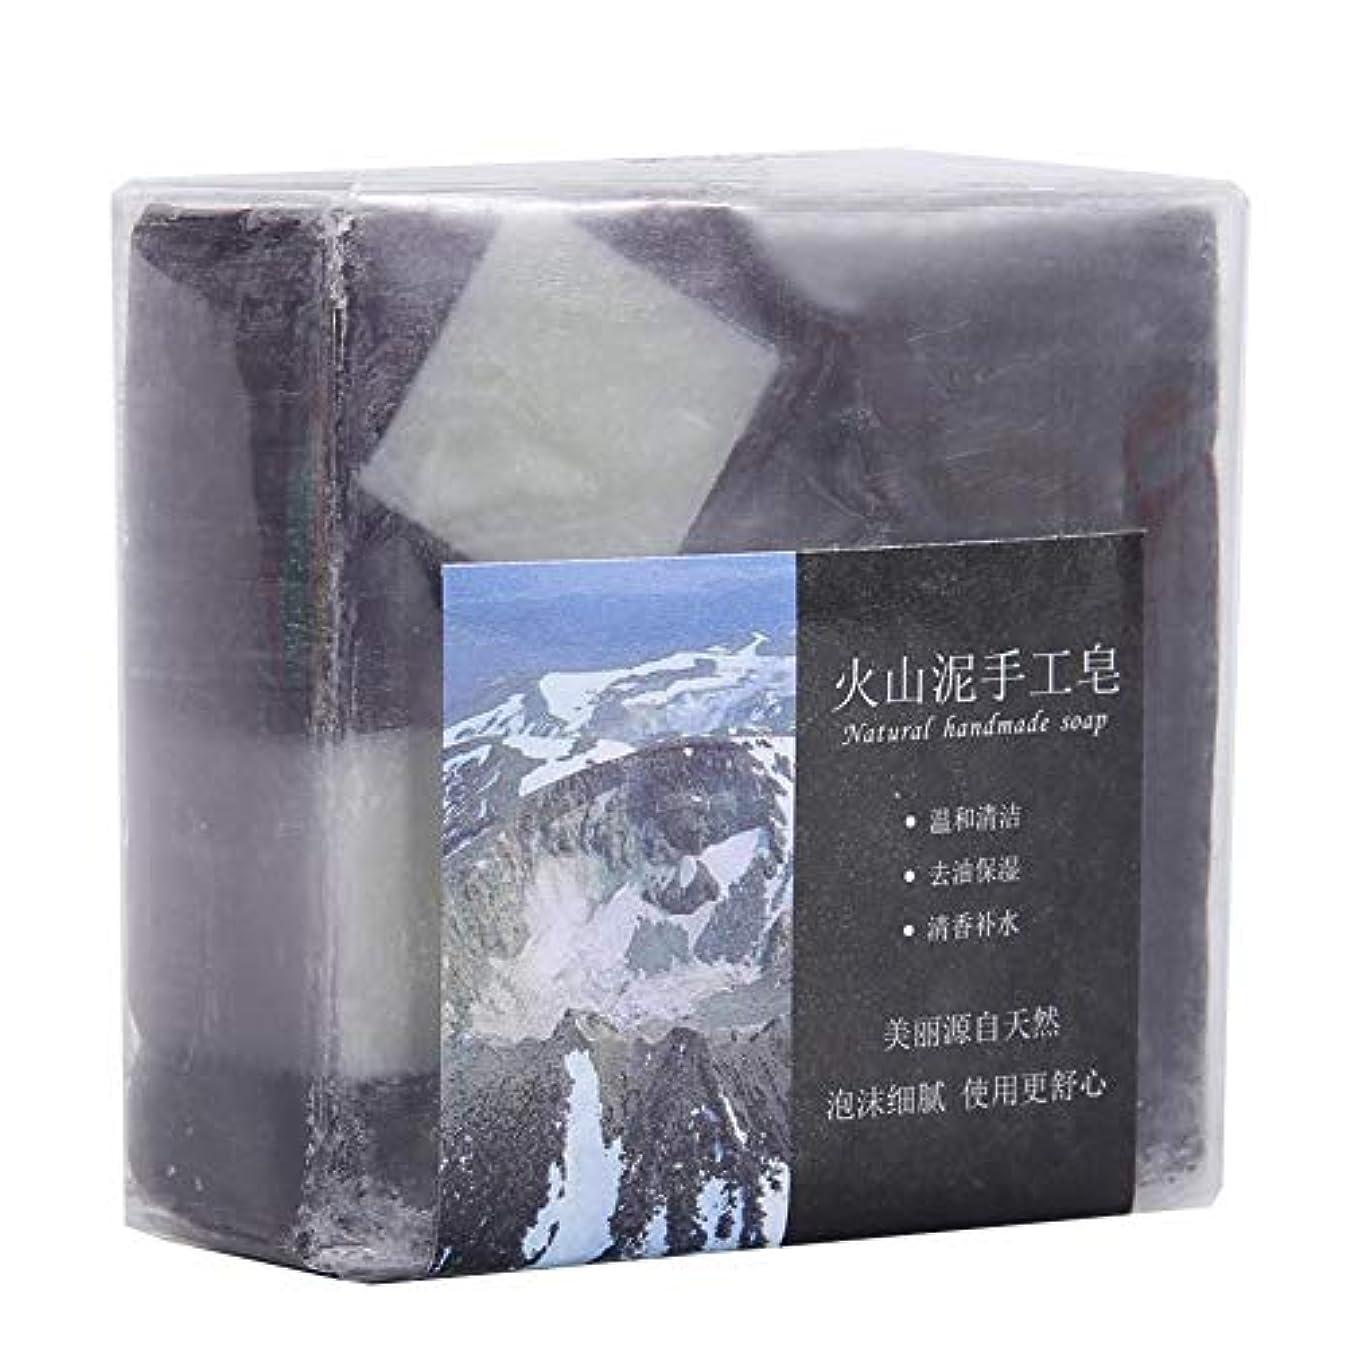 ボイド離れたドレスディープクリーニング 火山泥 ハンドメイドグリース 保湿石鹸用 100 G 手作り石鹸